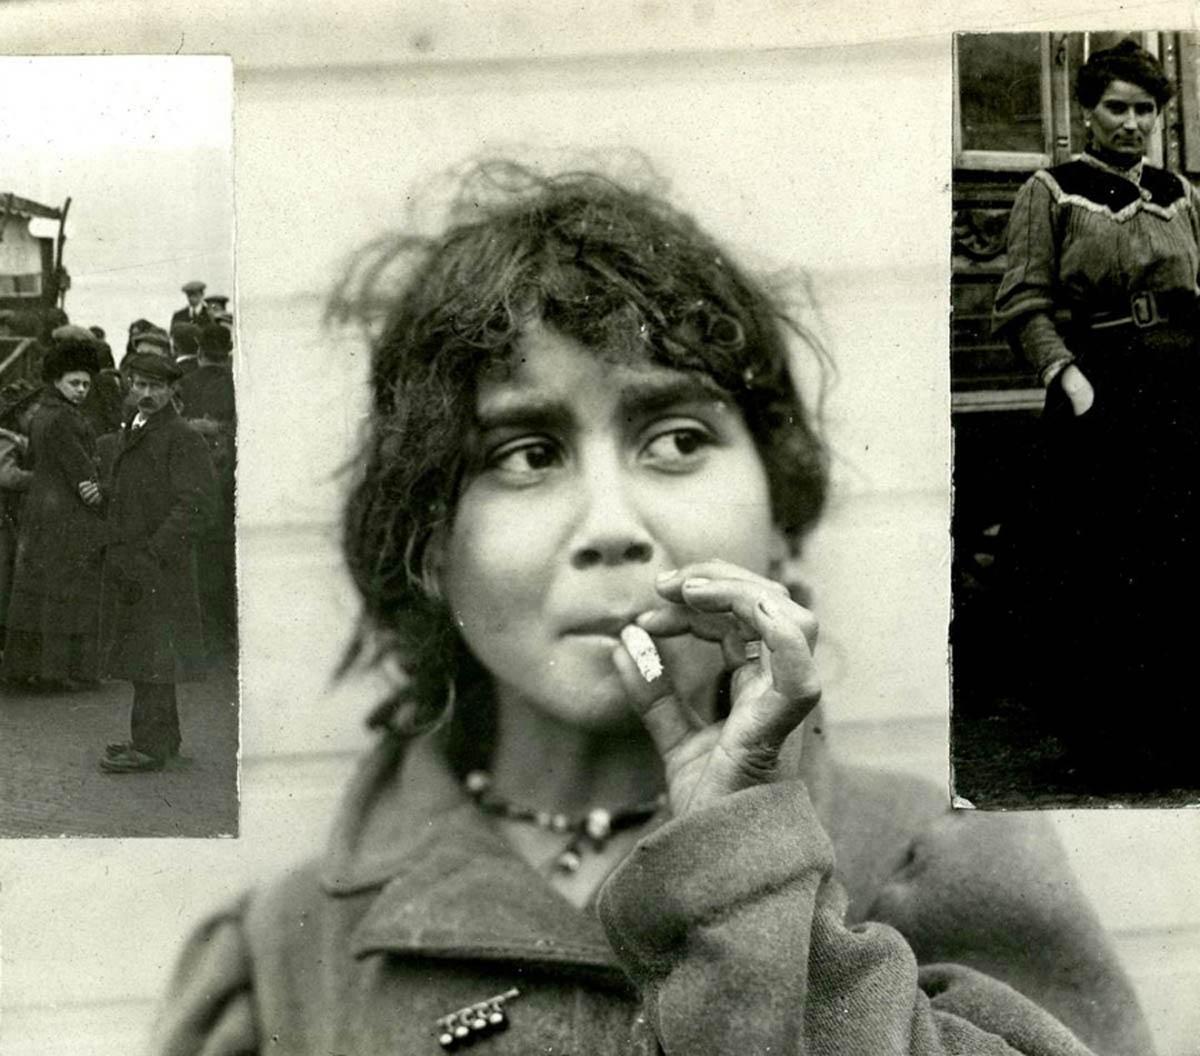 A vida dos ciganos na Europa antes da Segunda Guerra Mundial 14